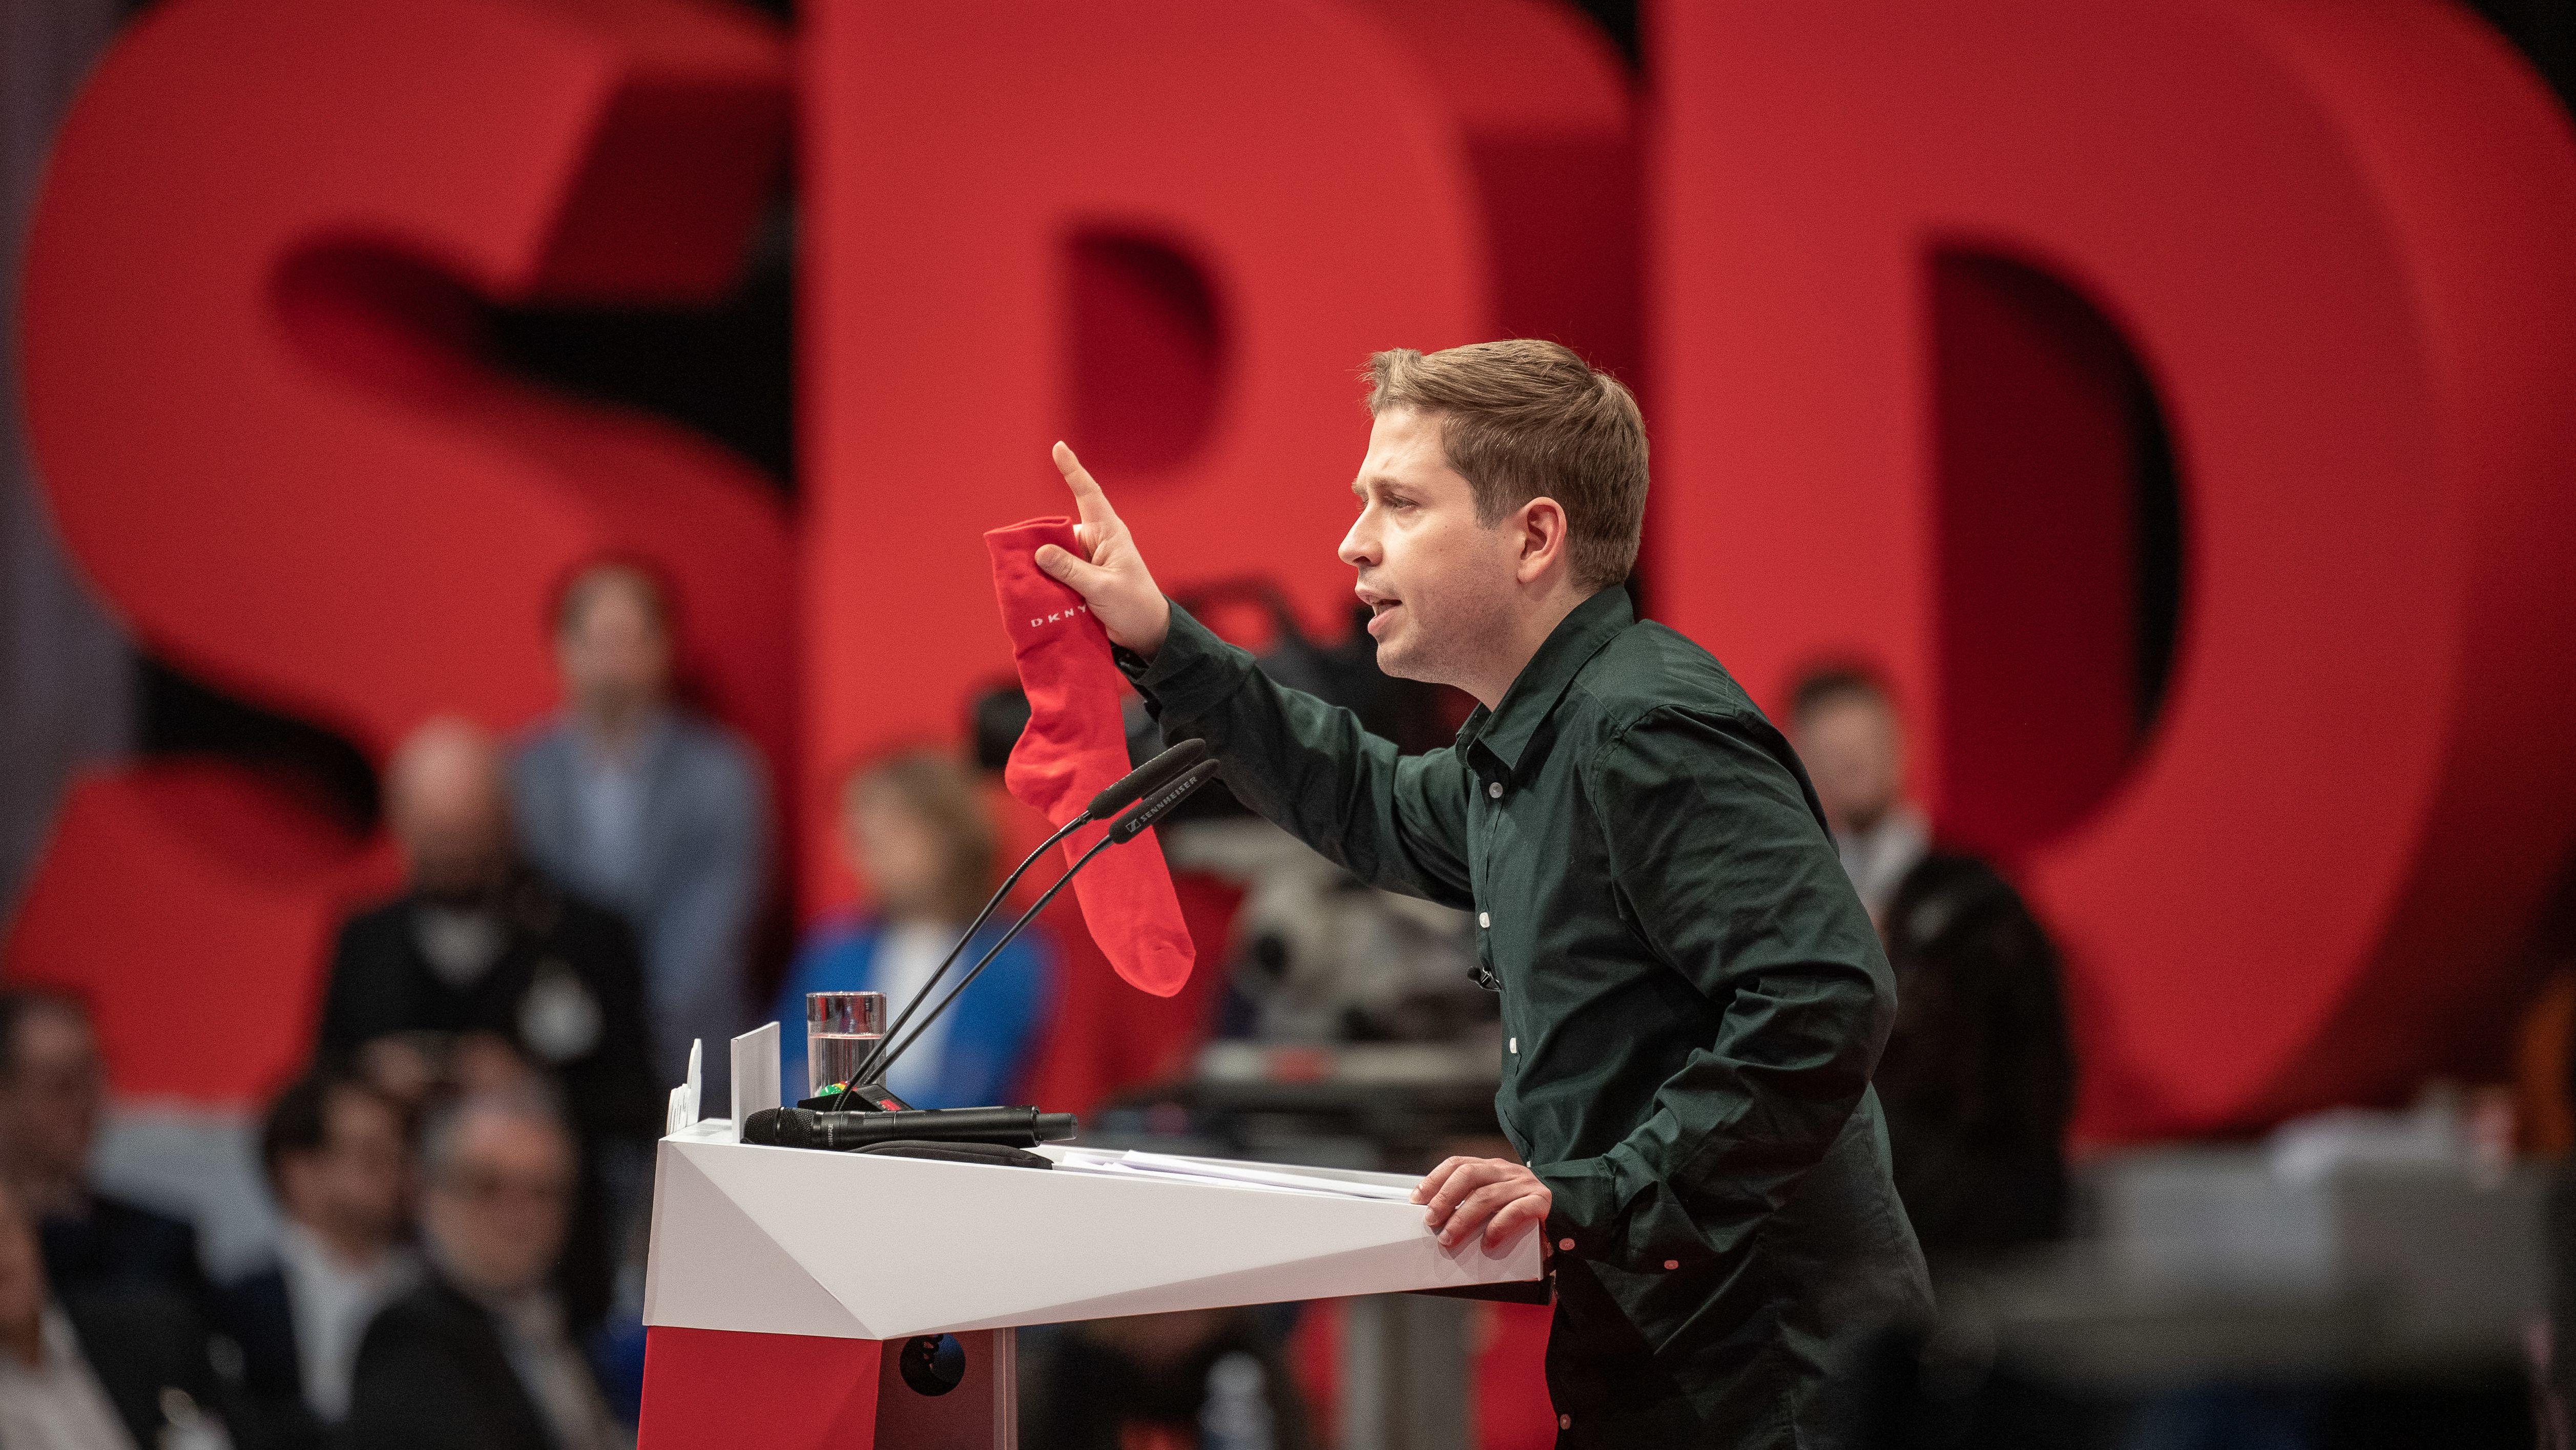 Kevin Kühnert, Bundesvorsitzender der Jusos, spricht mit einer roten Socke in der Hand beim SPD-Bundesparteitag